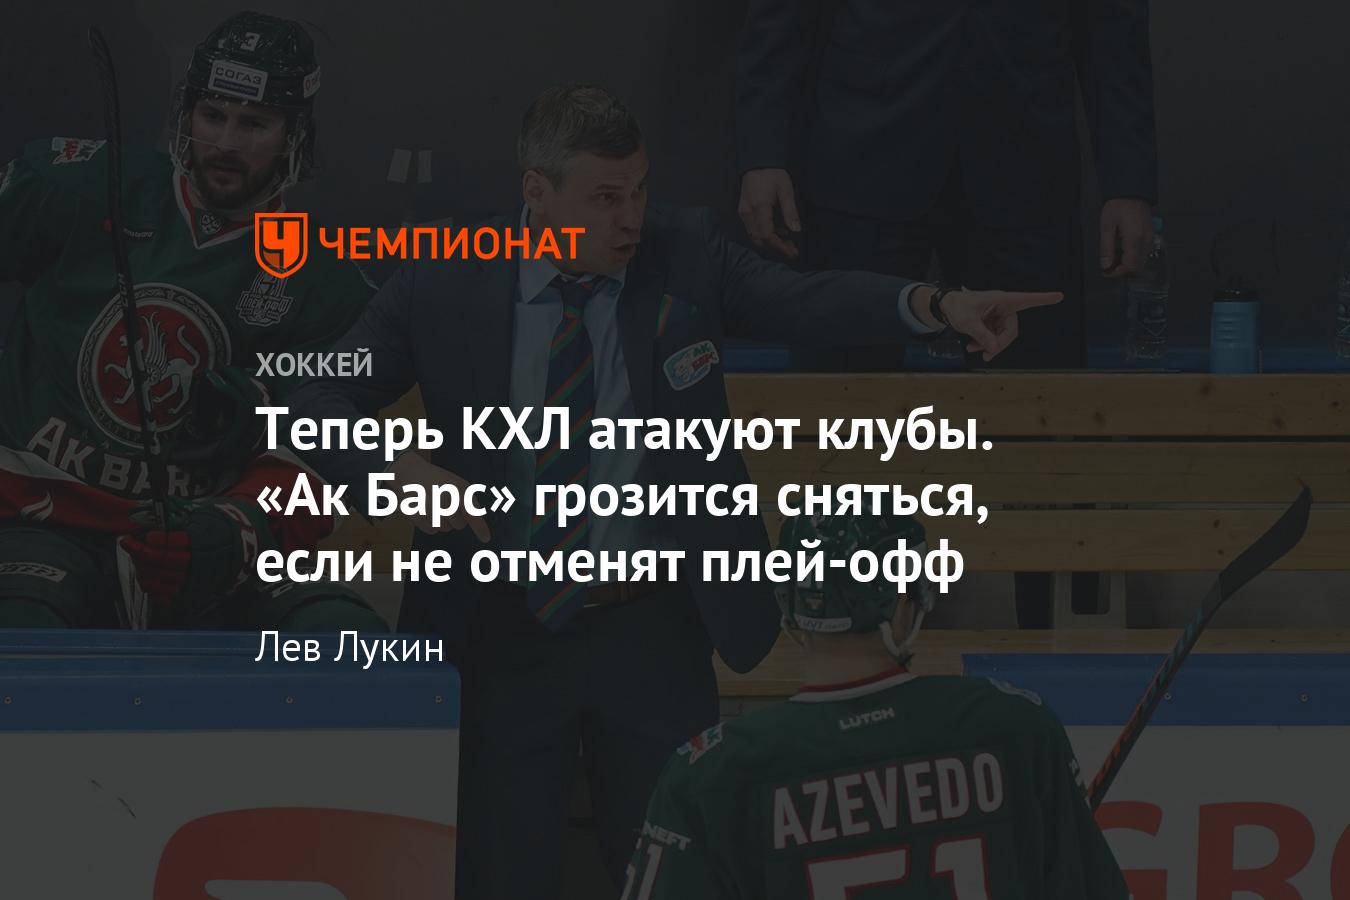 Теперь КХЛ атакуют клубы. «Ак Барс» грозится сняться, если не отменят плей-офф - Чемпионат